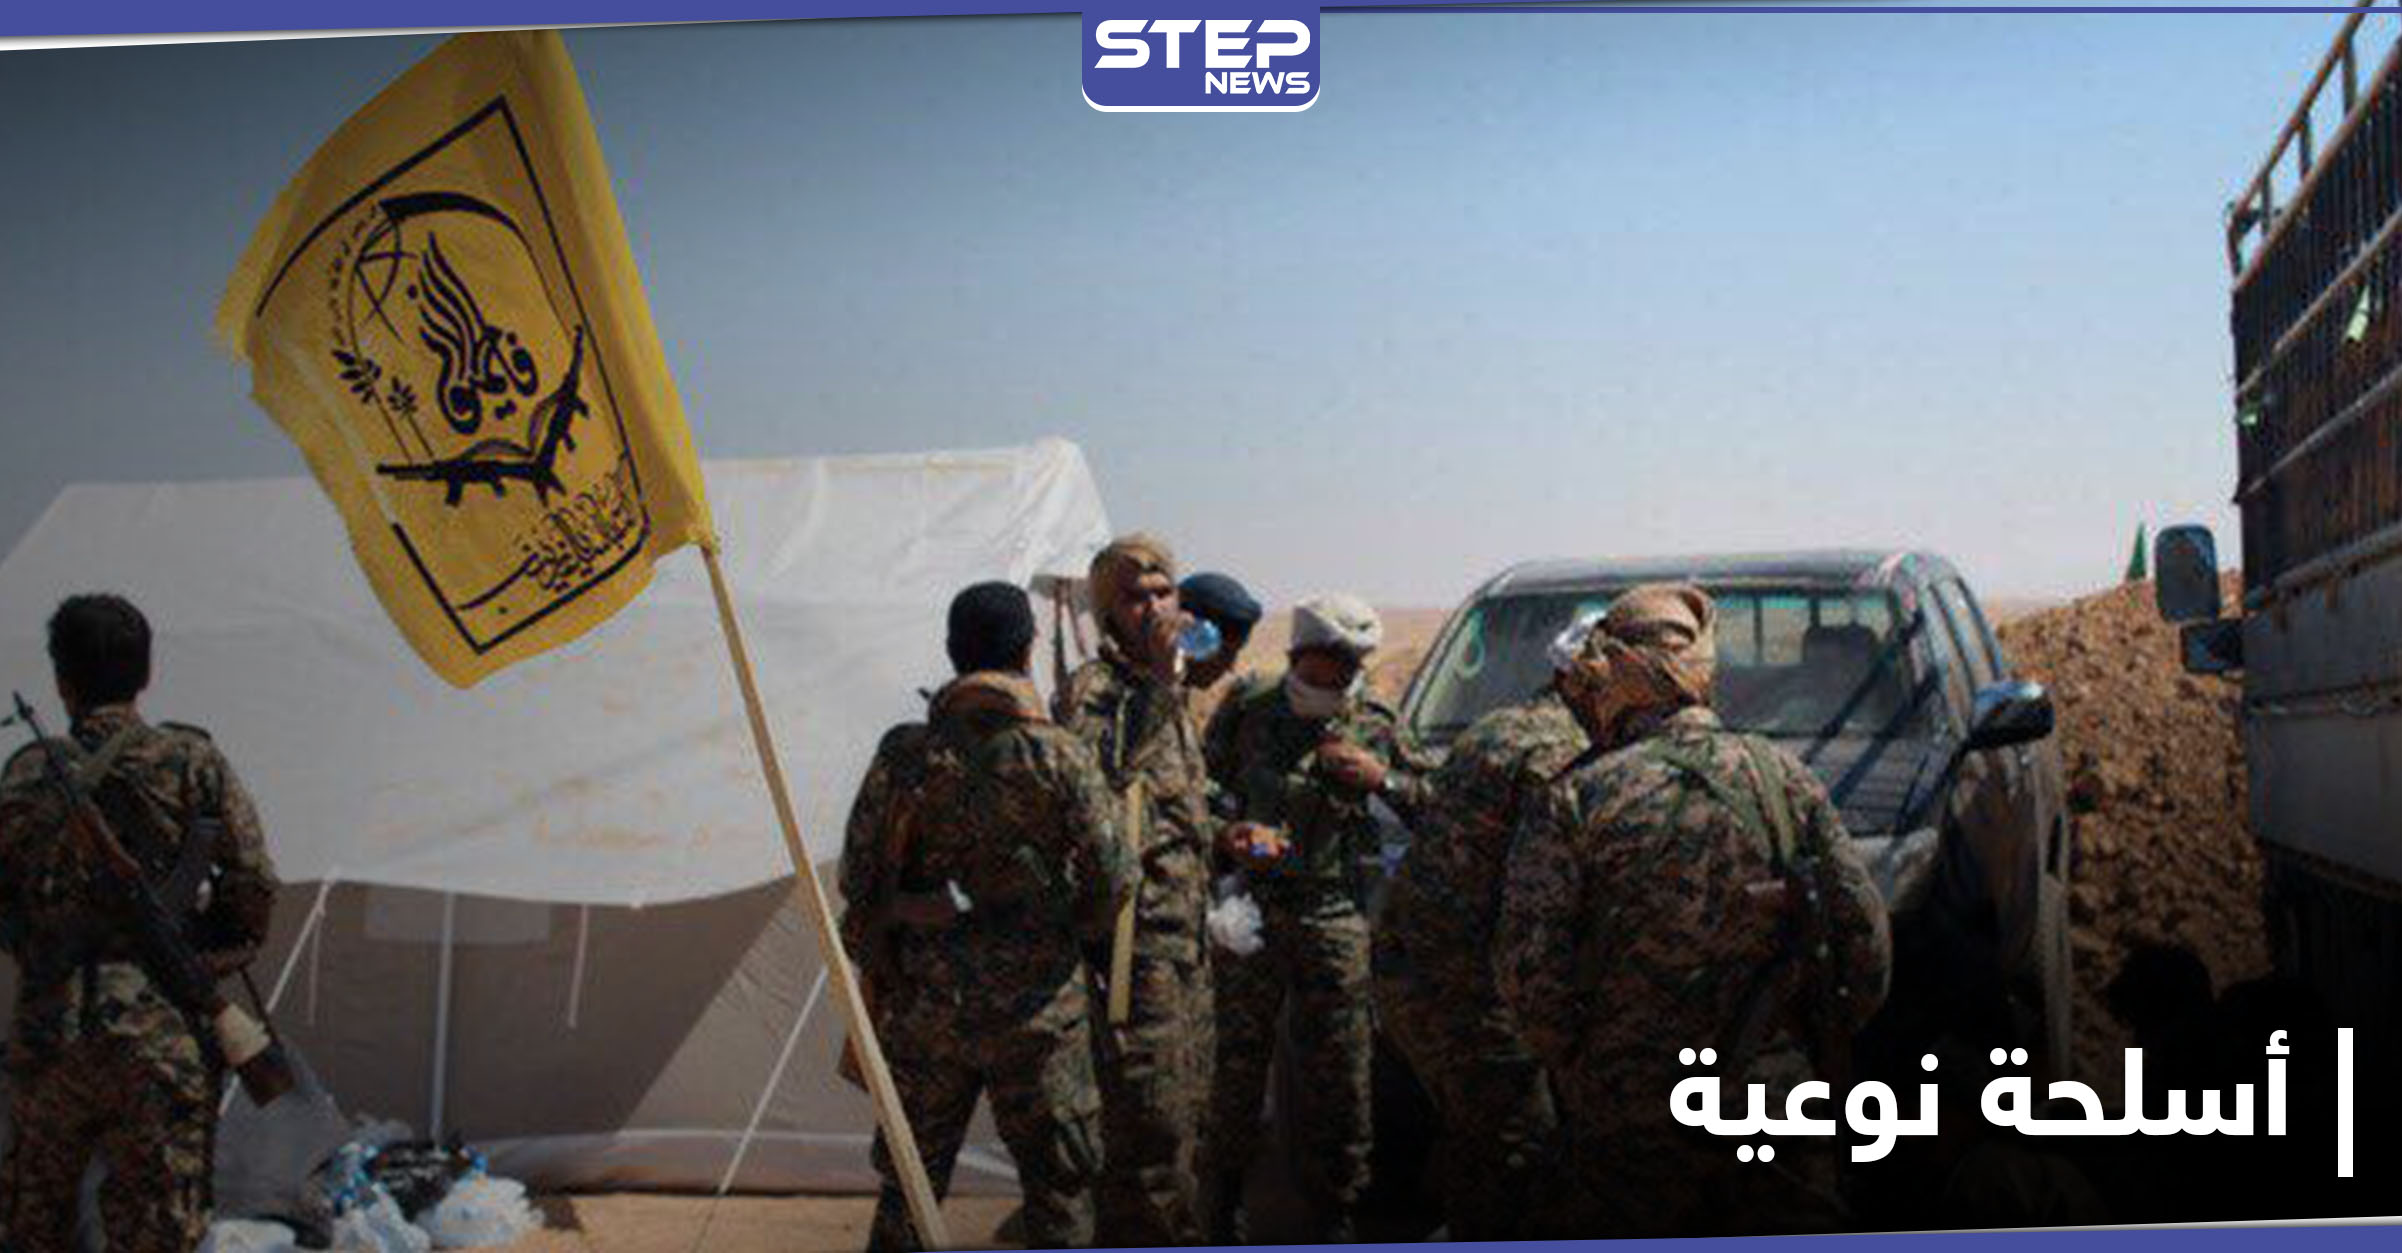 """لحماية معسكراتها.. الميليشيات الإيرانية تبدأ باستخدام أسلحة """"نوعية"""" بريف الرقة الشرقي"""